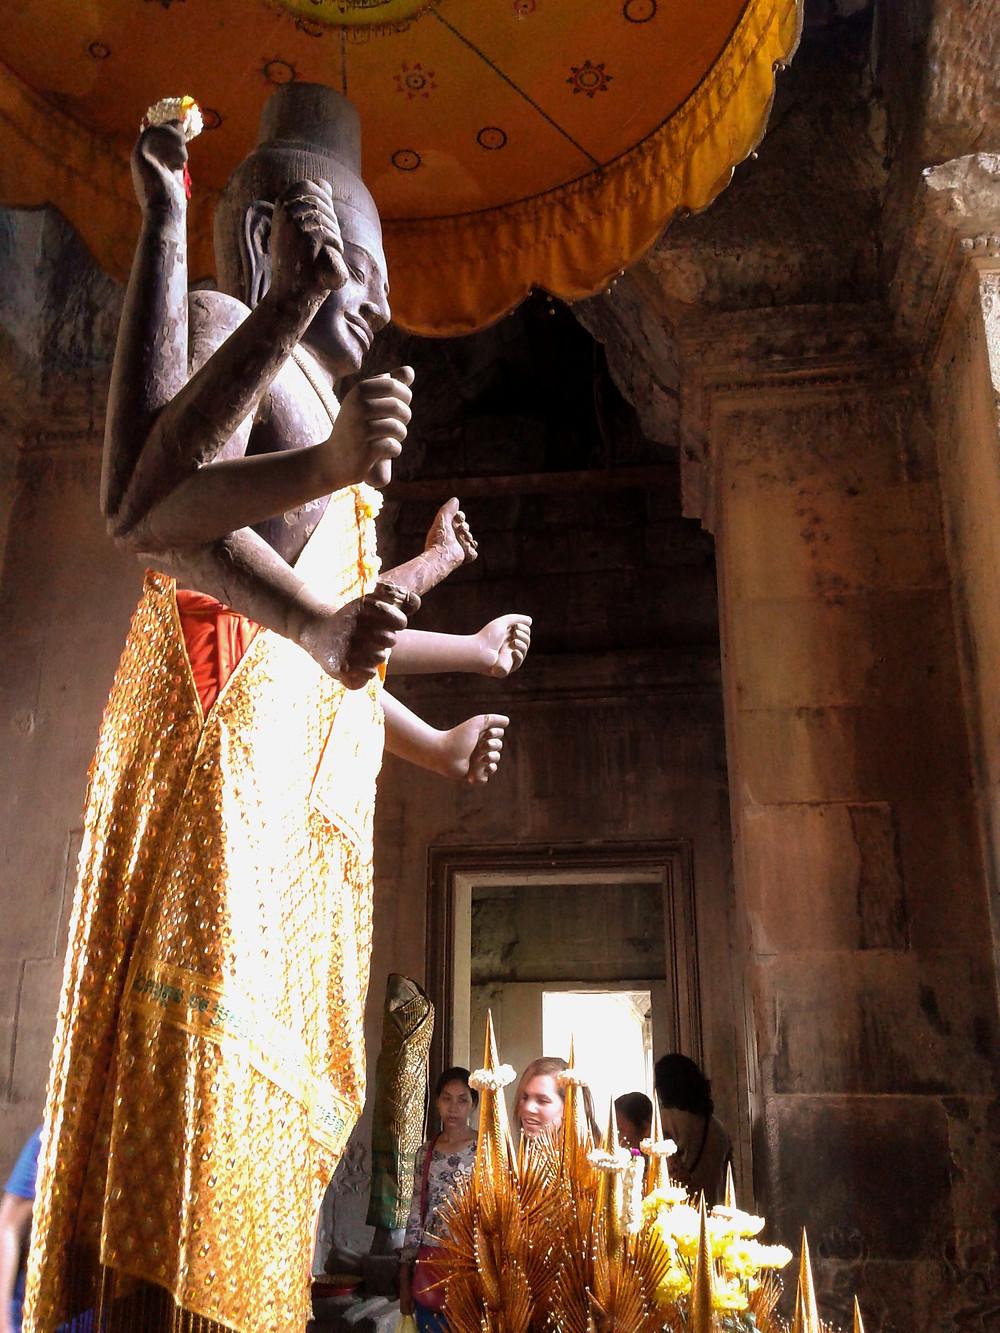 Posąg boga Siwy, Sziwy, Shiva w Angkor Wat, ośmioręki posąg stoi pod pomarańczowym parasolem i ubrano go w pomarańczowe szaty. W tle są kamienne ściany